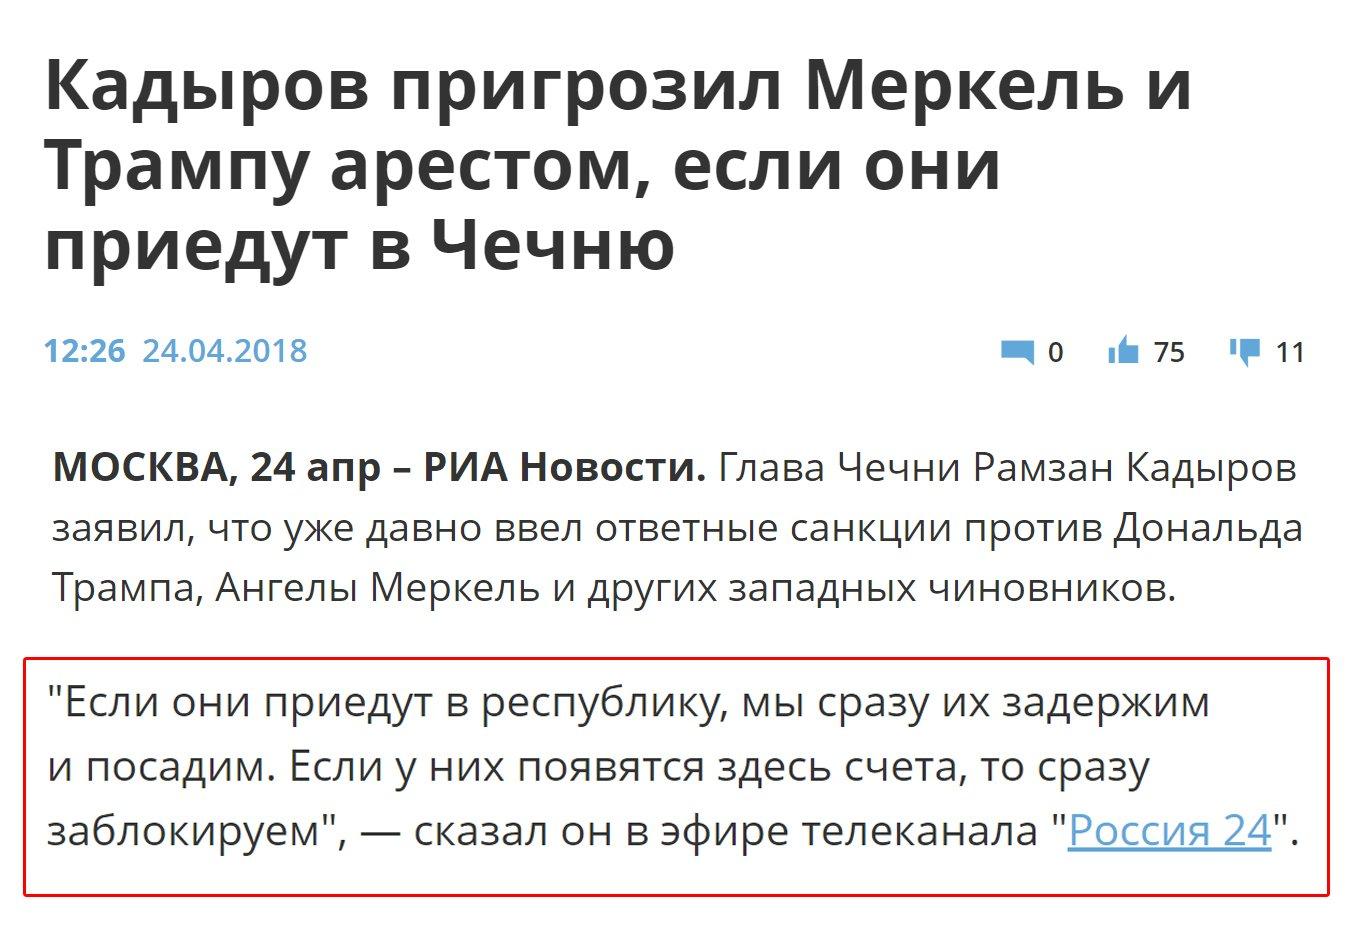 Лавров звинуватив учасників зустрічі G7 у русофобії - Цензор.НЕТ 3370